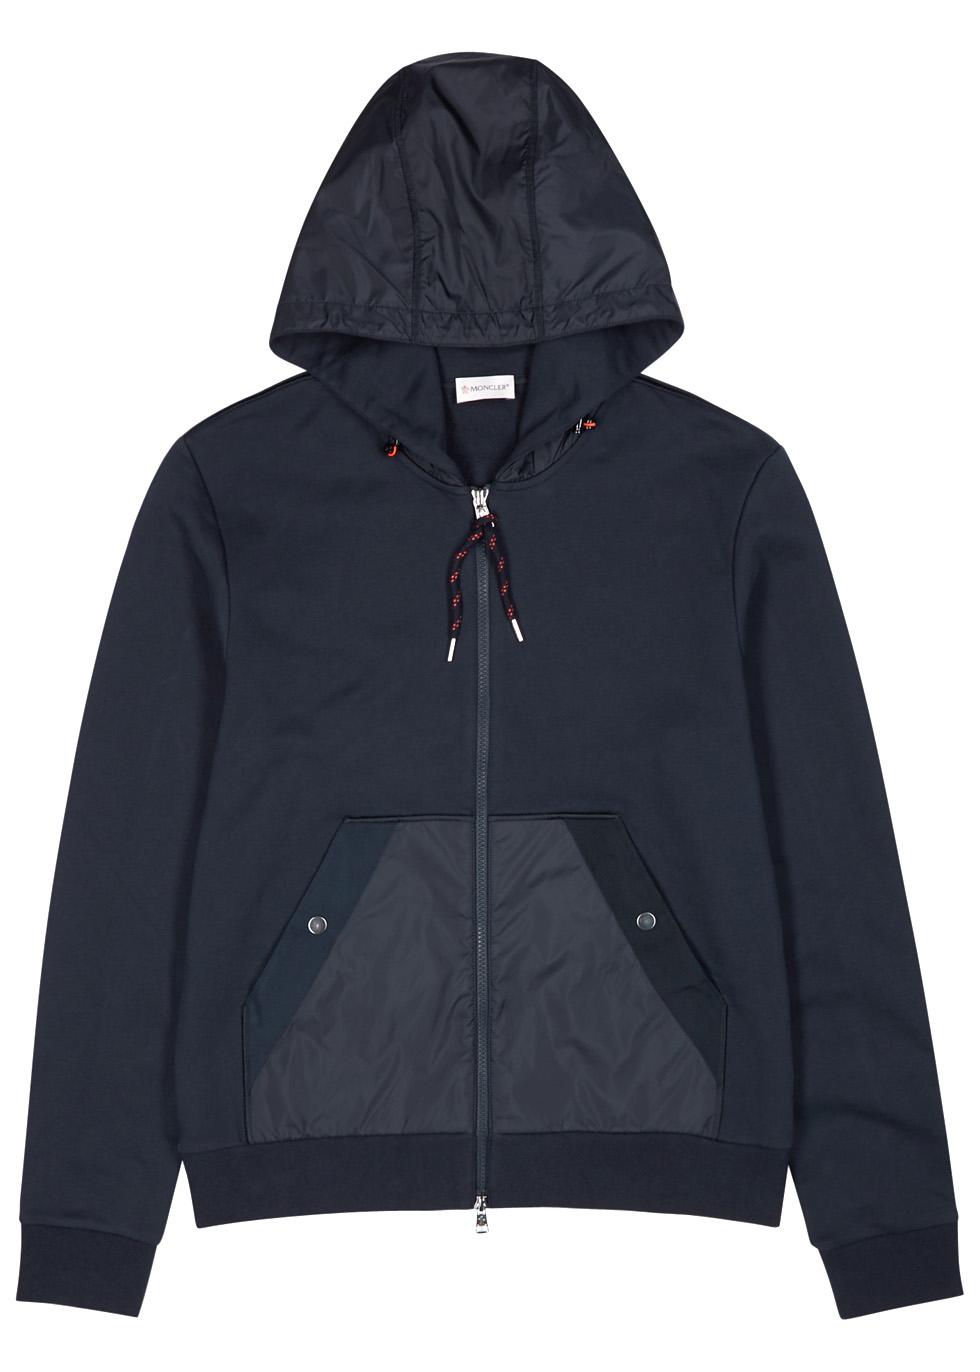 moncler jacket finance